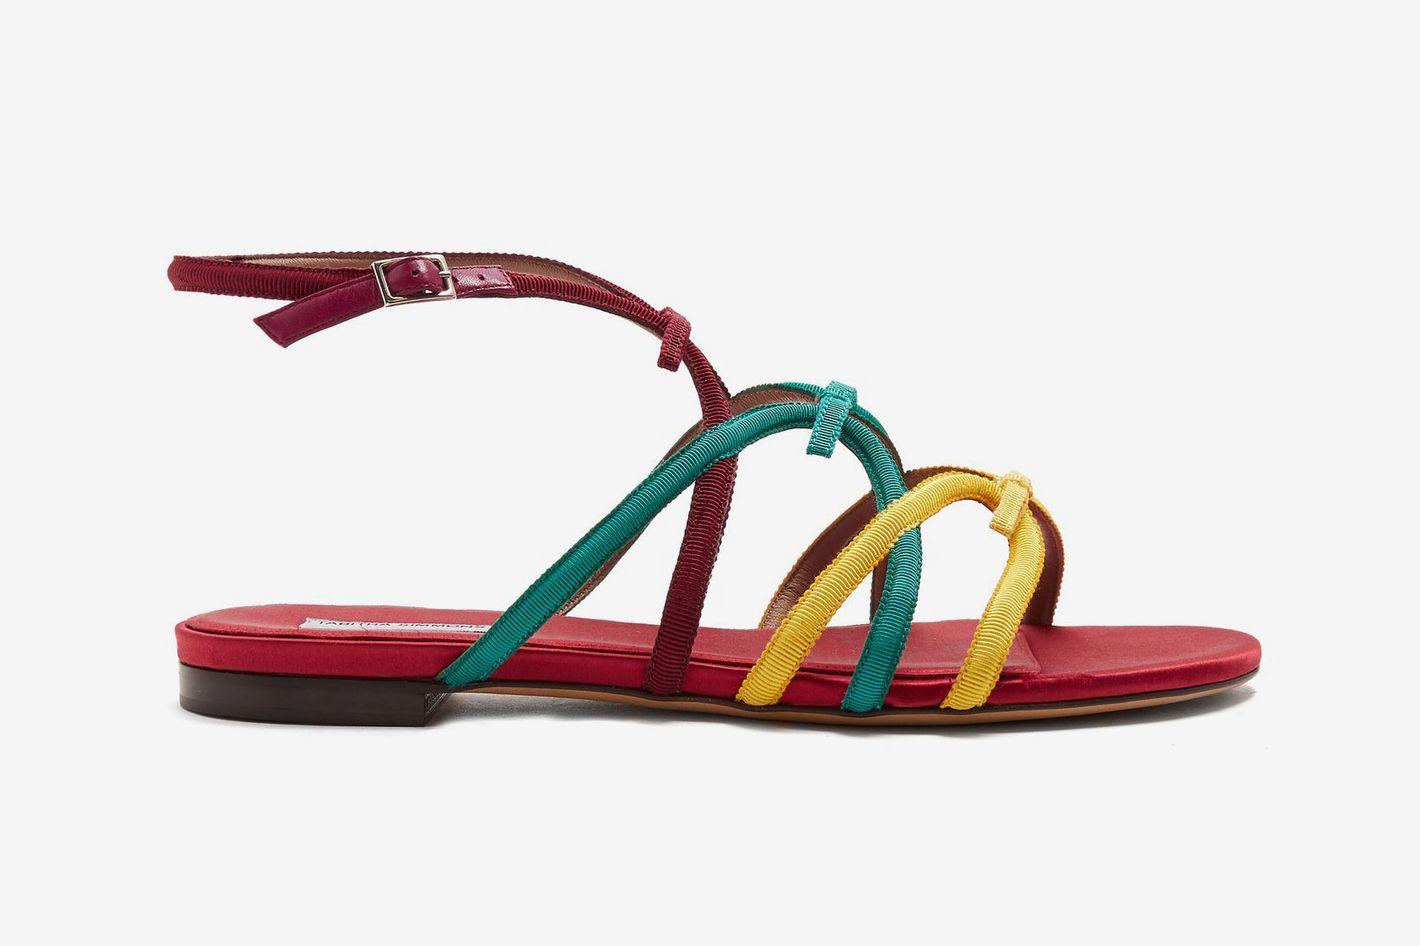 Tabitha Simmons Minna flat sandals